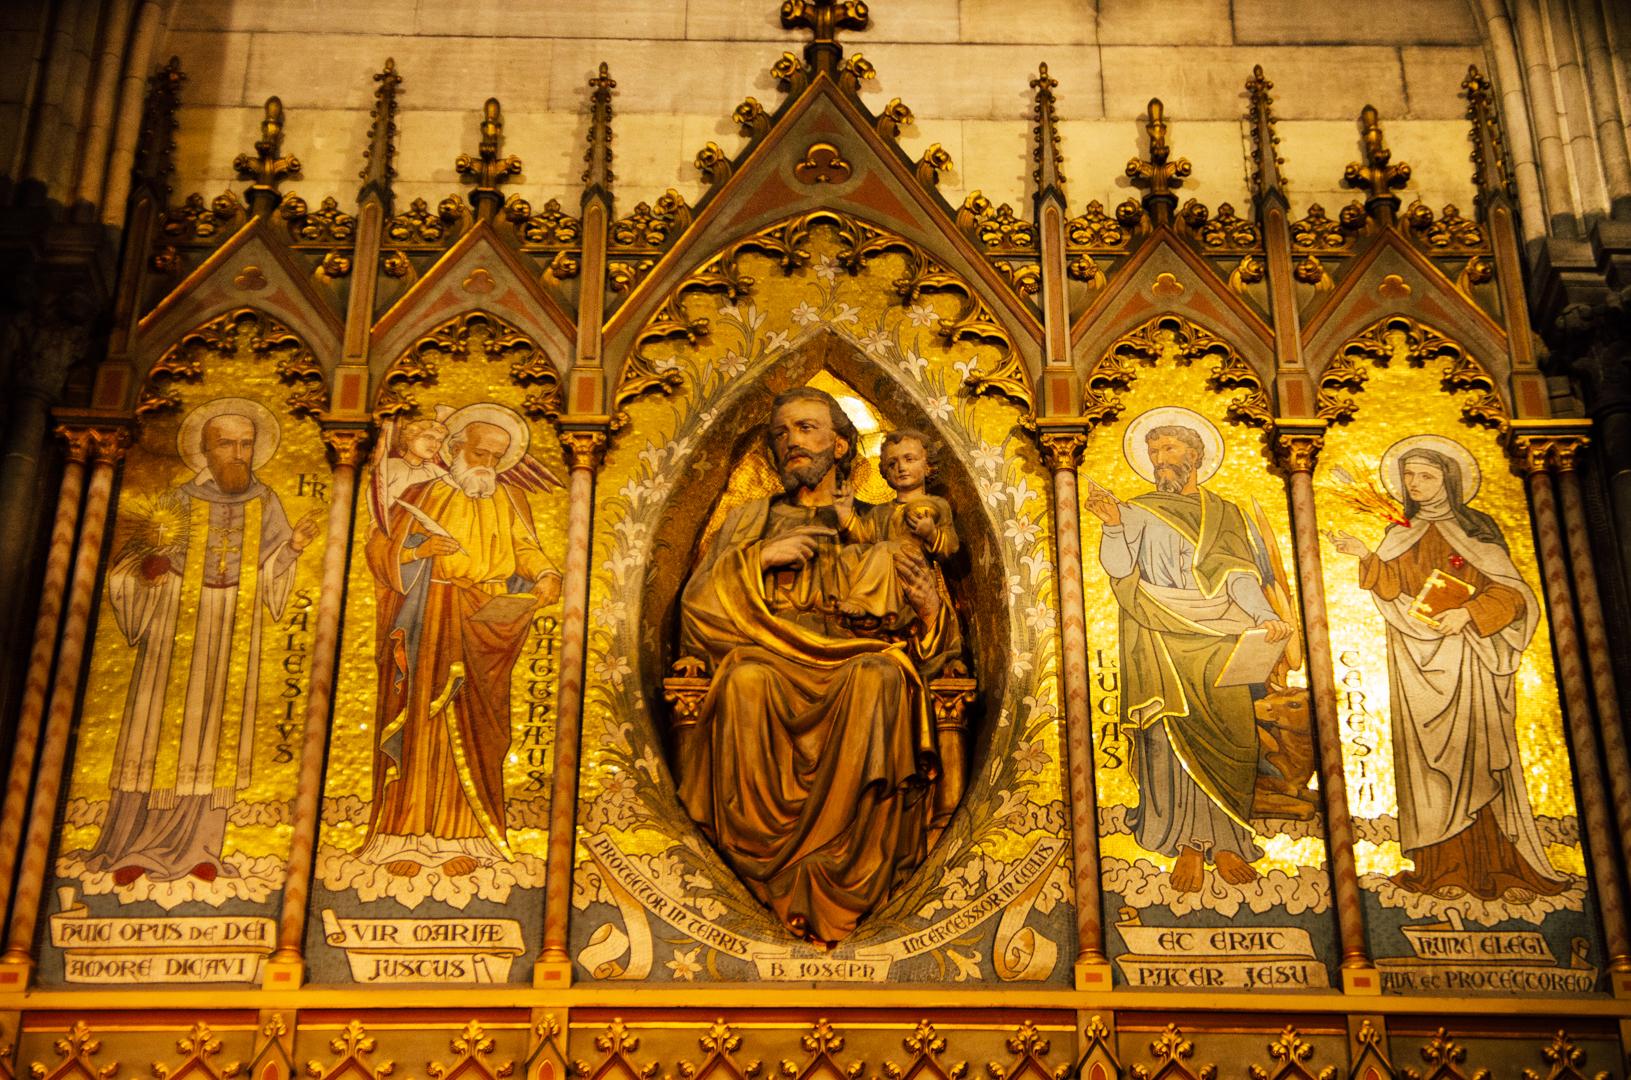 chapelle saint joseph cathedrale notre dame de la treille lille 24512432